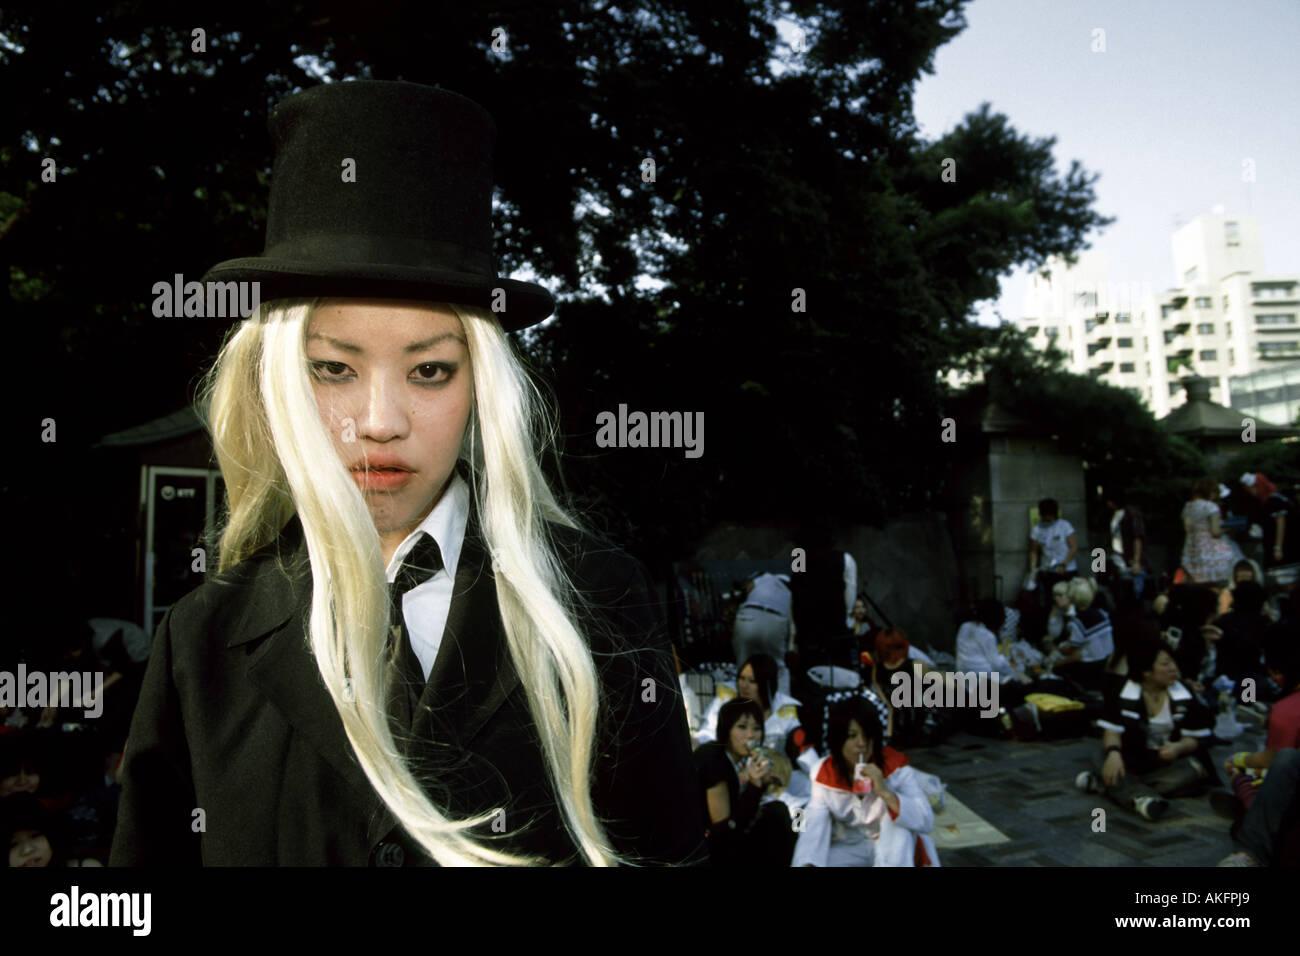 Una rubia chica cosplay Harajuku, Tokio, Japón Imagen De Stock